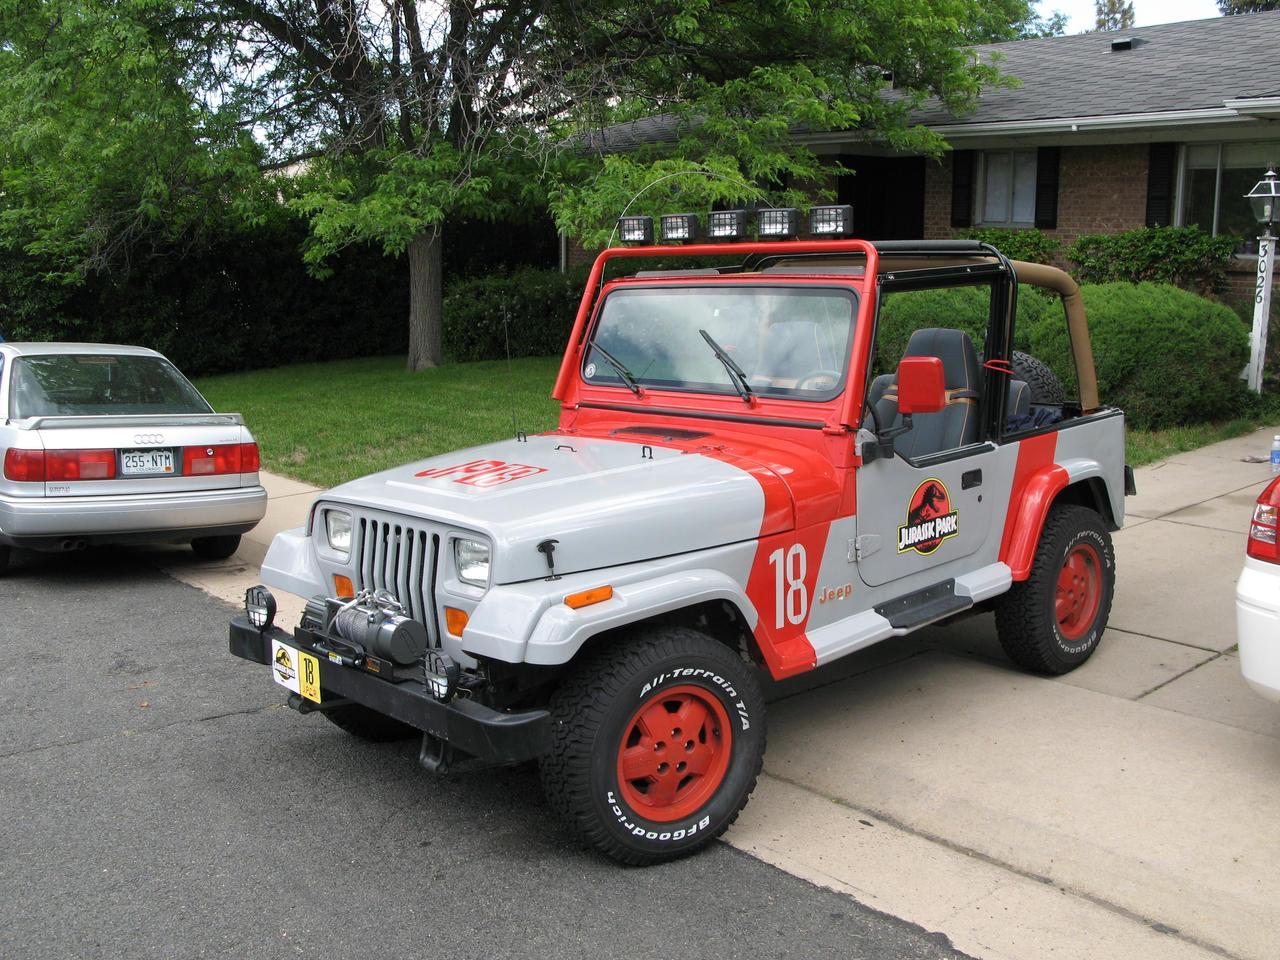 jurassic park jeep wrangler 38 by boomerjinks on deviantart